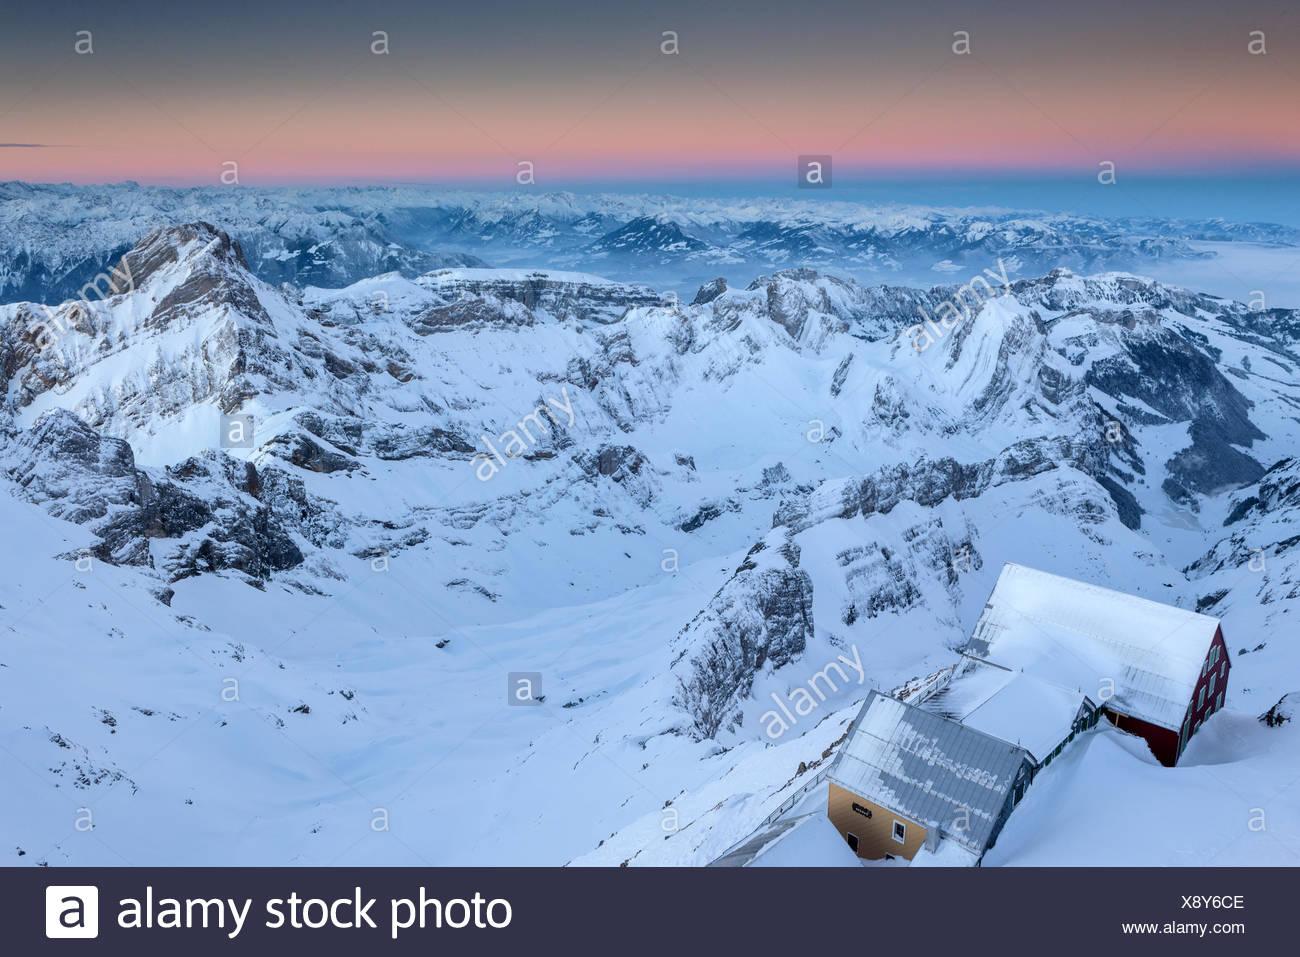 Ansicht, Vista, Säntis, Schweiz, Kanton Appenzell, Appenzell Innerrhoden, Alpstein, Inn, Alter Säntis, Winter, Dämmerung Stockbild